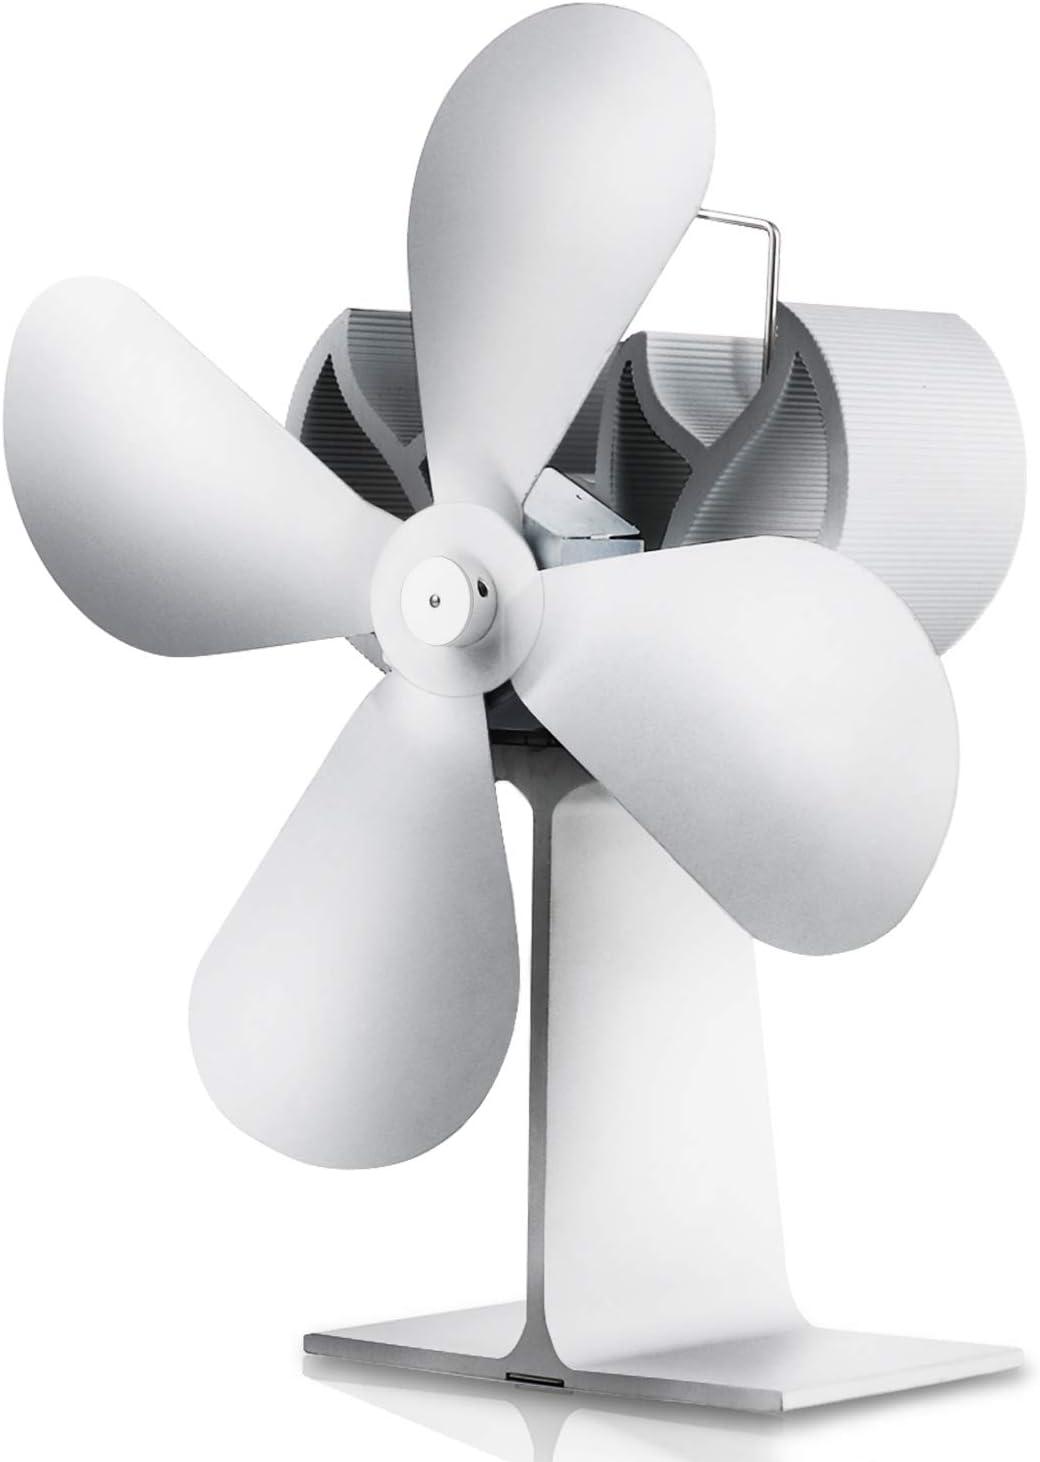 Ventilador De La Estufa De Calefacción Decoracion Chimenea Ventilador De Chimenea De Quemador Ventilador De Circulación De Calor Circula Mejorando La Convección Del Aire Interior